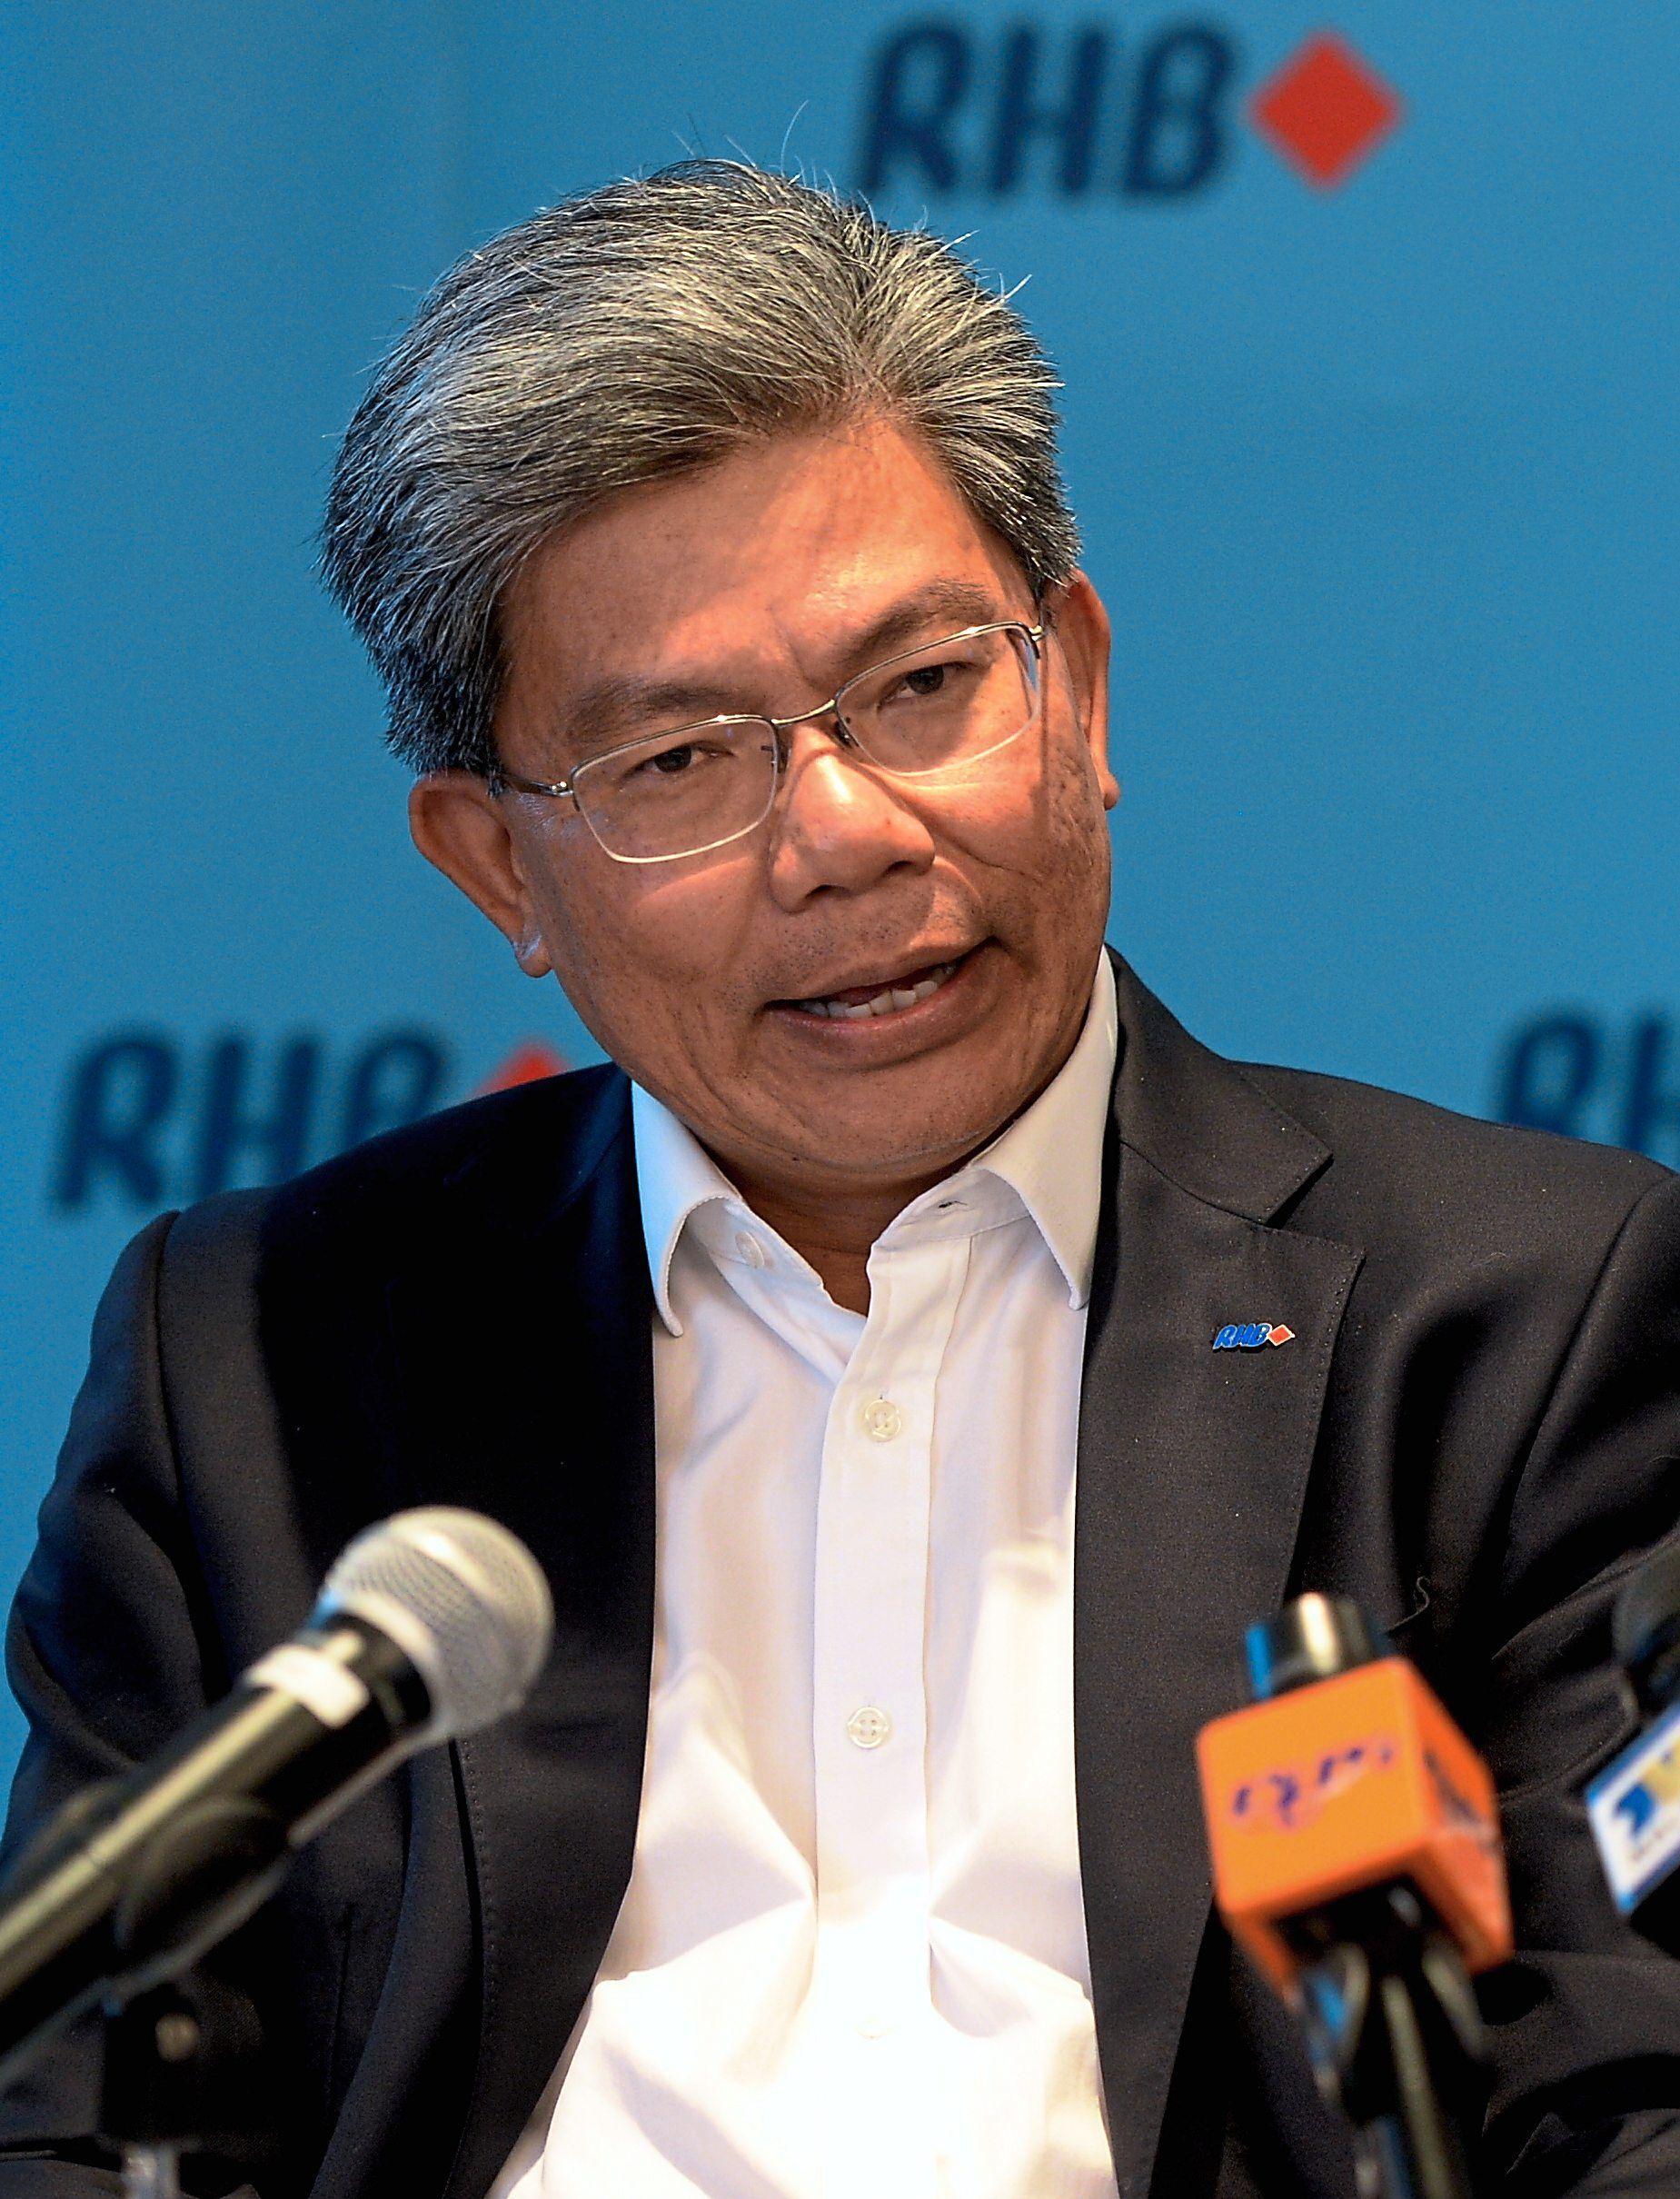 Datuk Khairussaleh Ramli RHB Group managing director